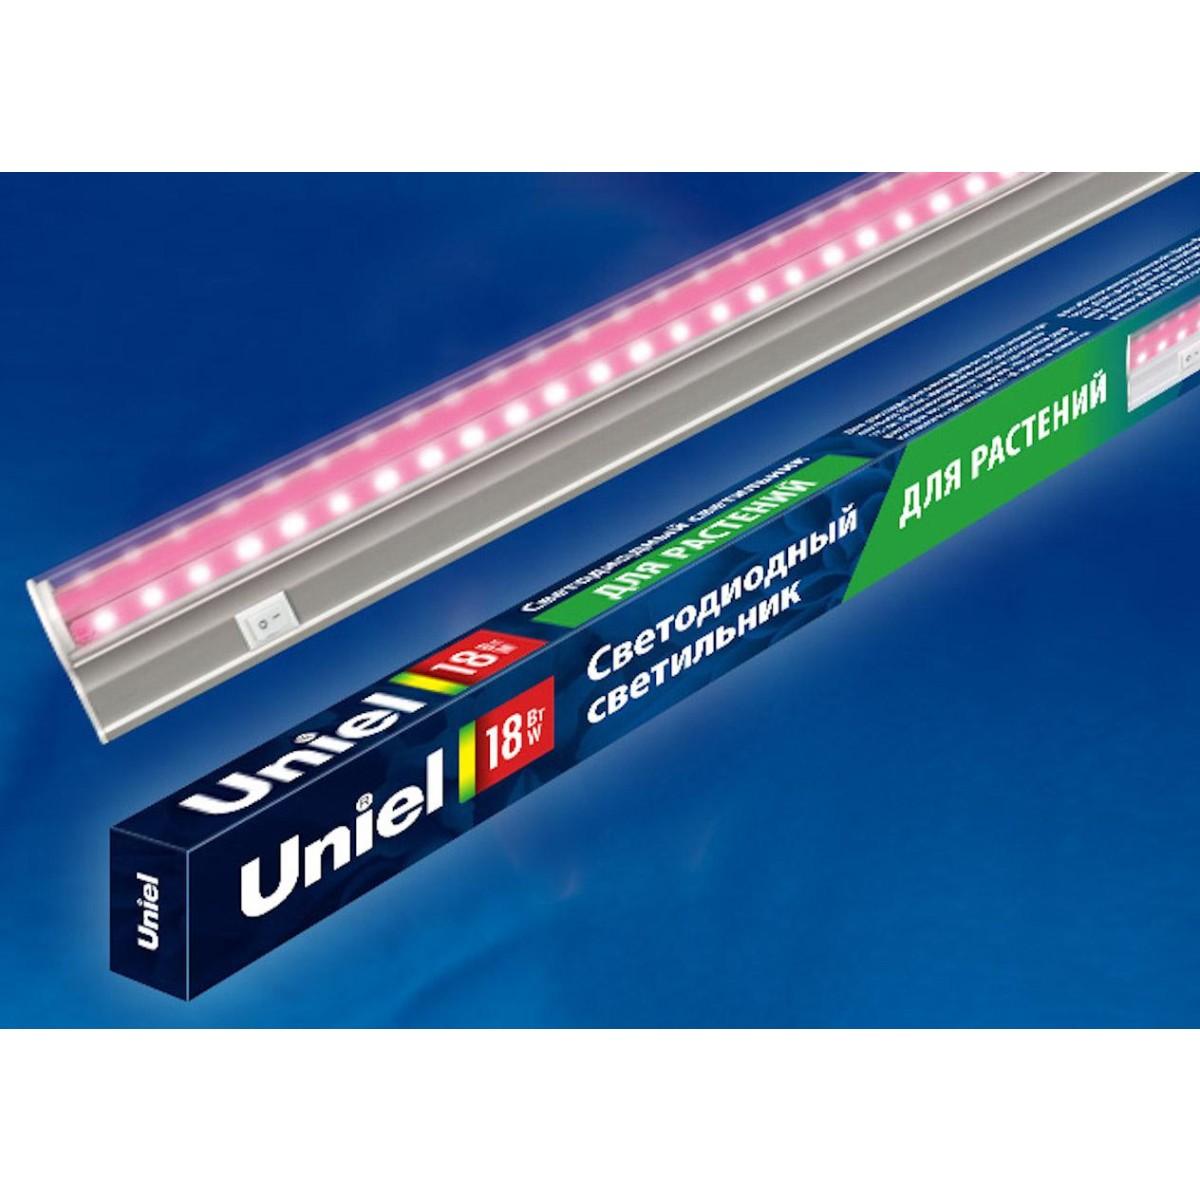 Бра светодиодный Uniel  UL-00002992 Нейтральный свет цвет прозрачный